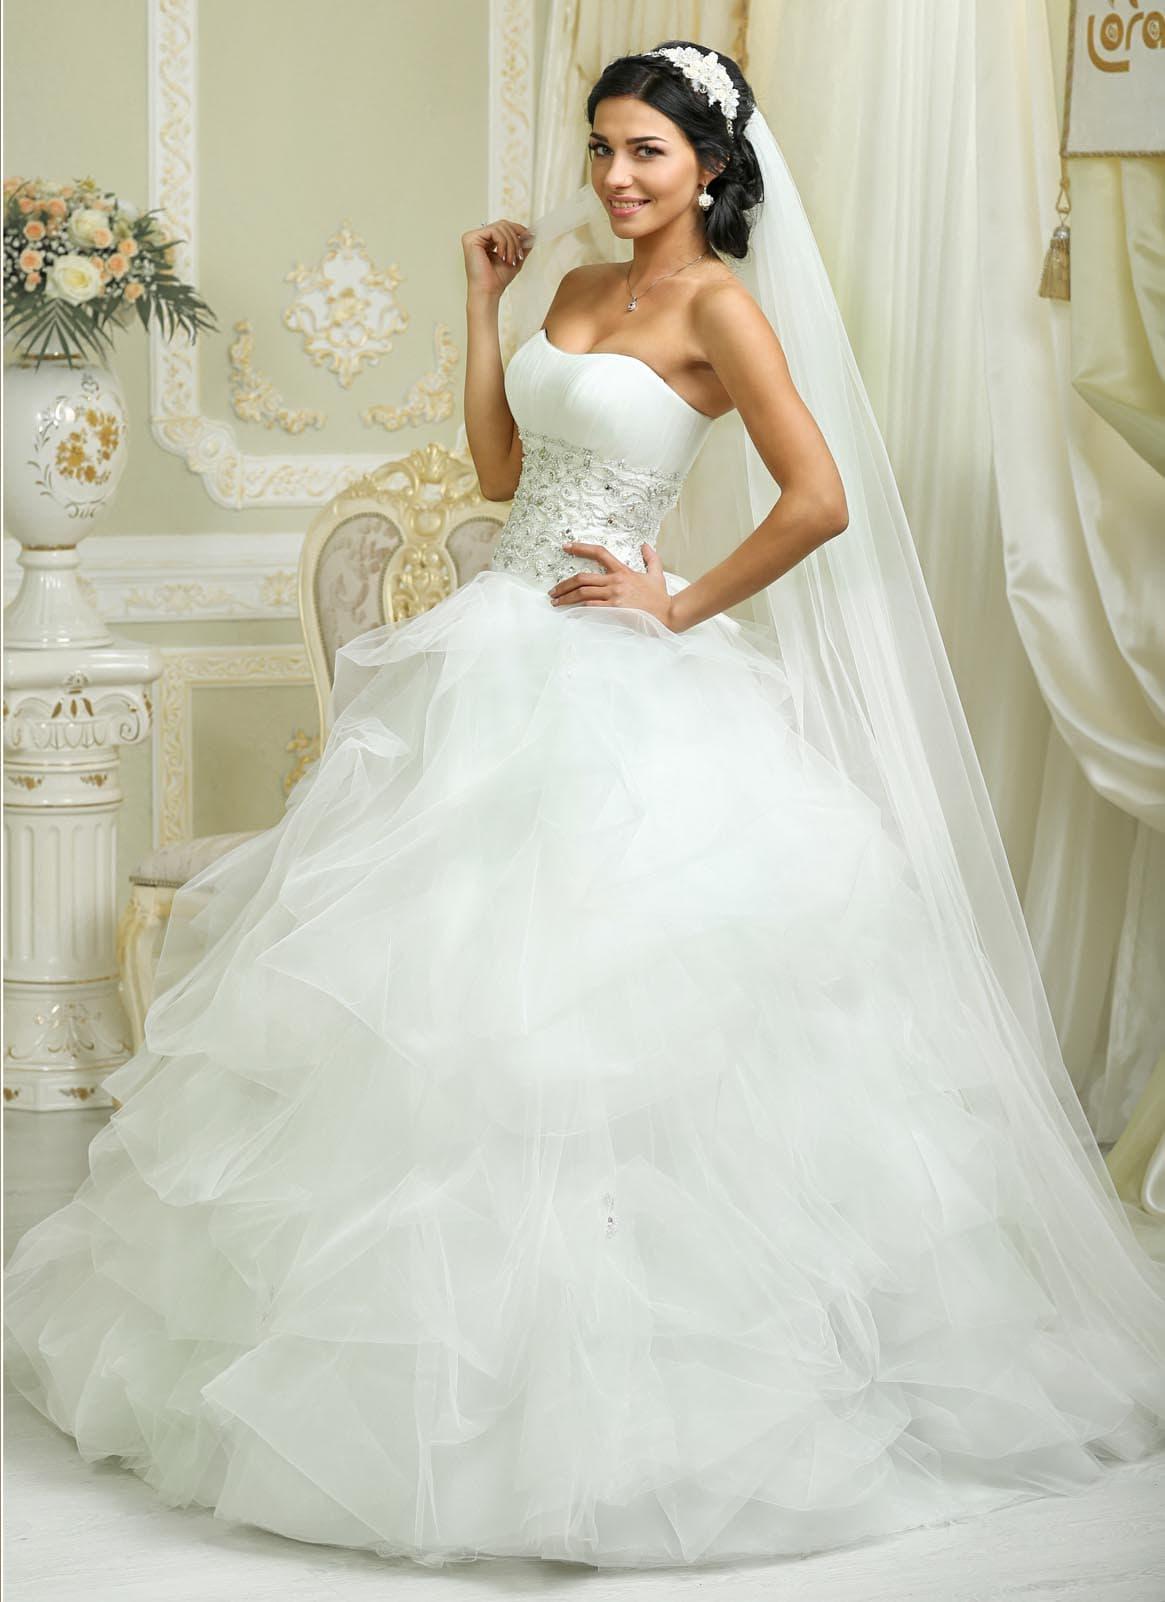 Трахат жену свадебном платие 25 фотография